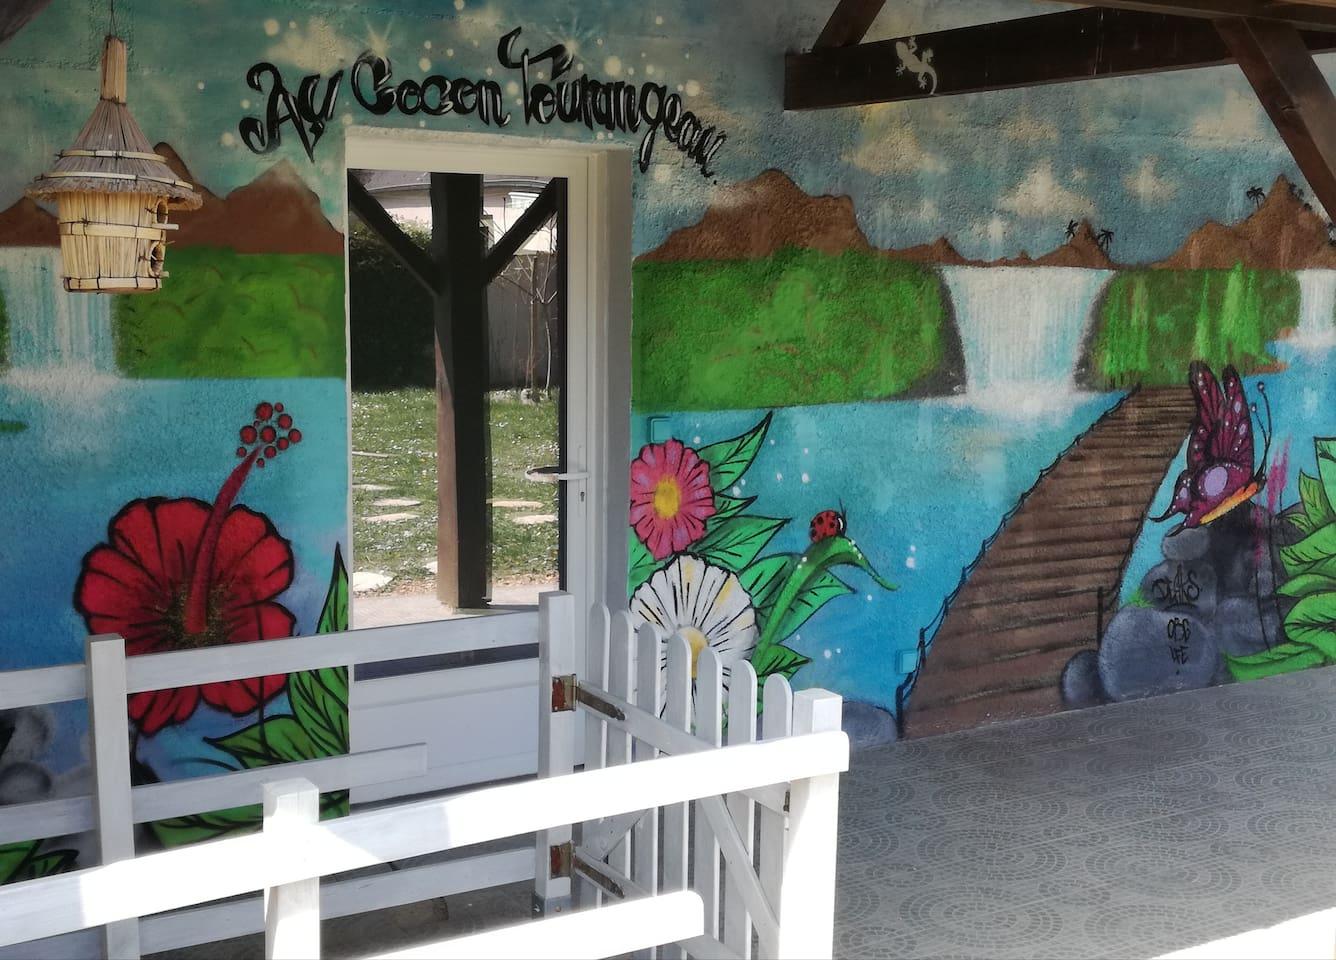 Le Cocon Tourangeau vous accueille avec une création graphique originale du Street Artist Deaks.